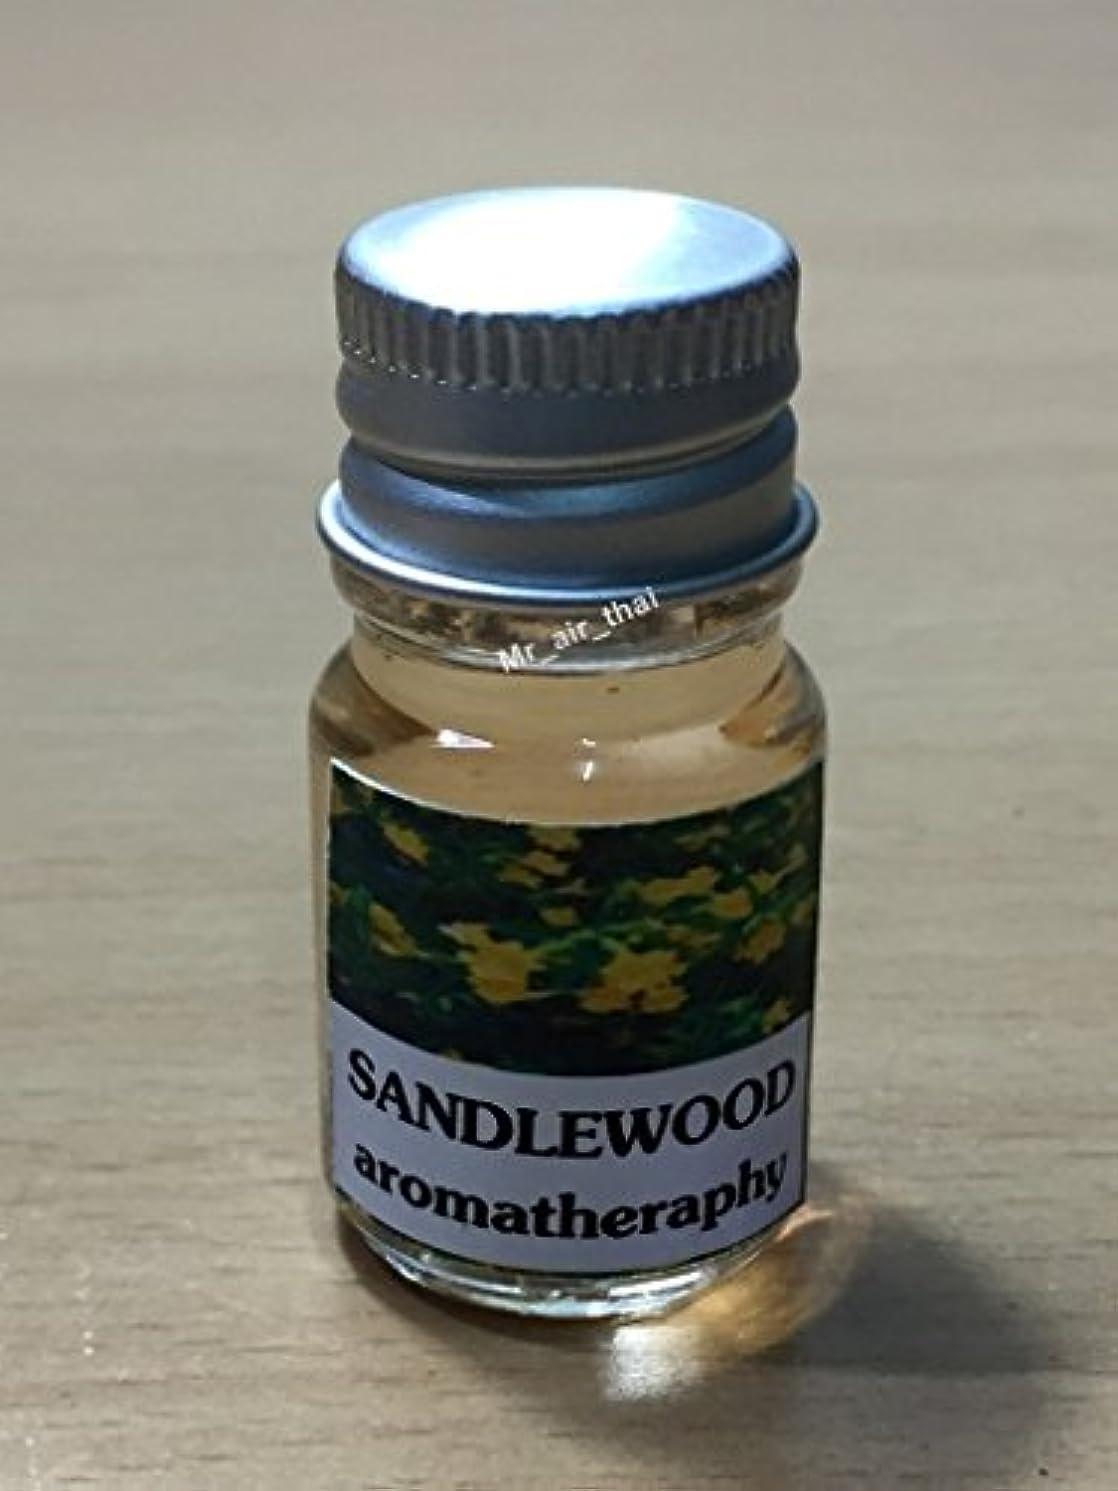 材料兄階層5ミリリットルアロマサンダルウッドフランクインセンスエッセンシャルオイルボトルアロマテラピーオイル自然自然5ml Aroma Sandlewood Frankincense Essential Oil Bottles Aromatherapy...